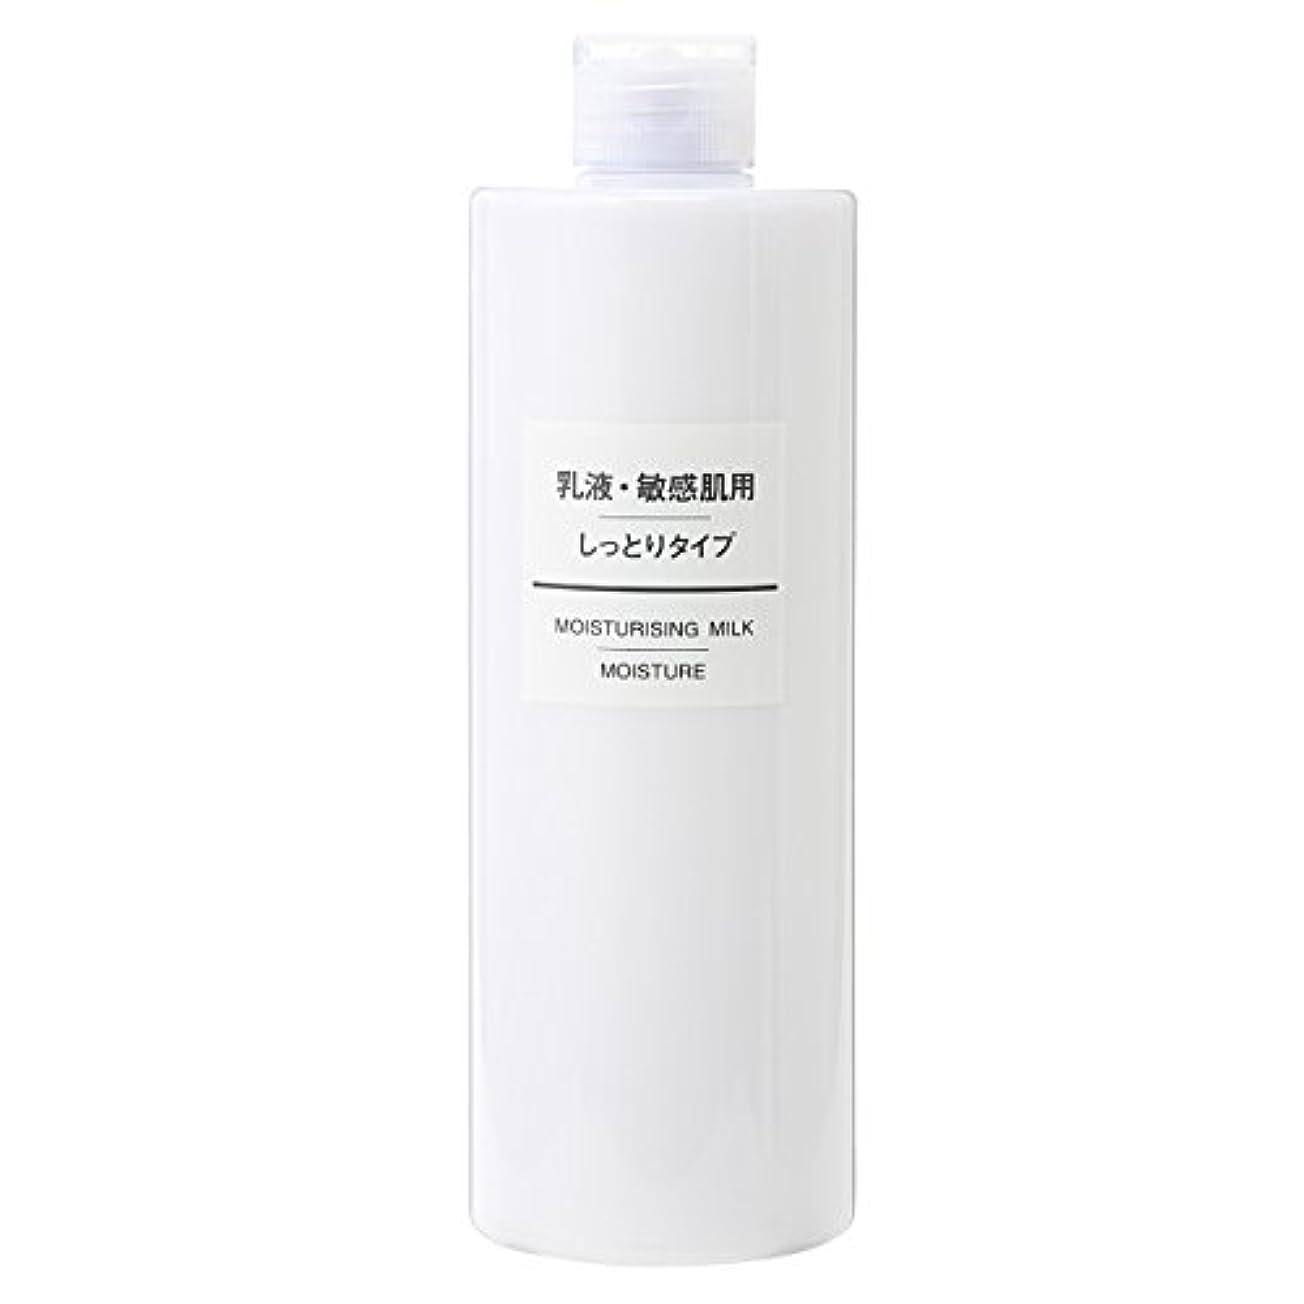 条約命令見える無印良品 乳液 敏感肌用 しっとりタイプ (大容量)400ml